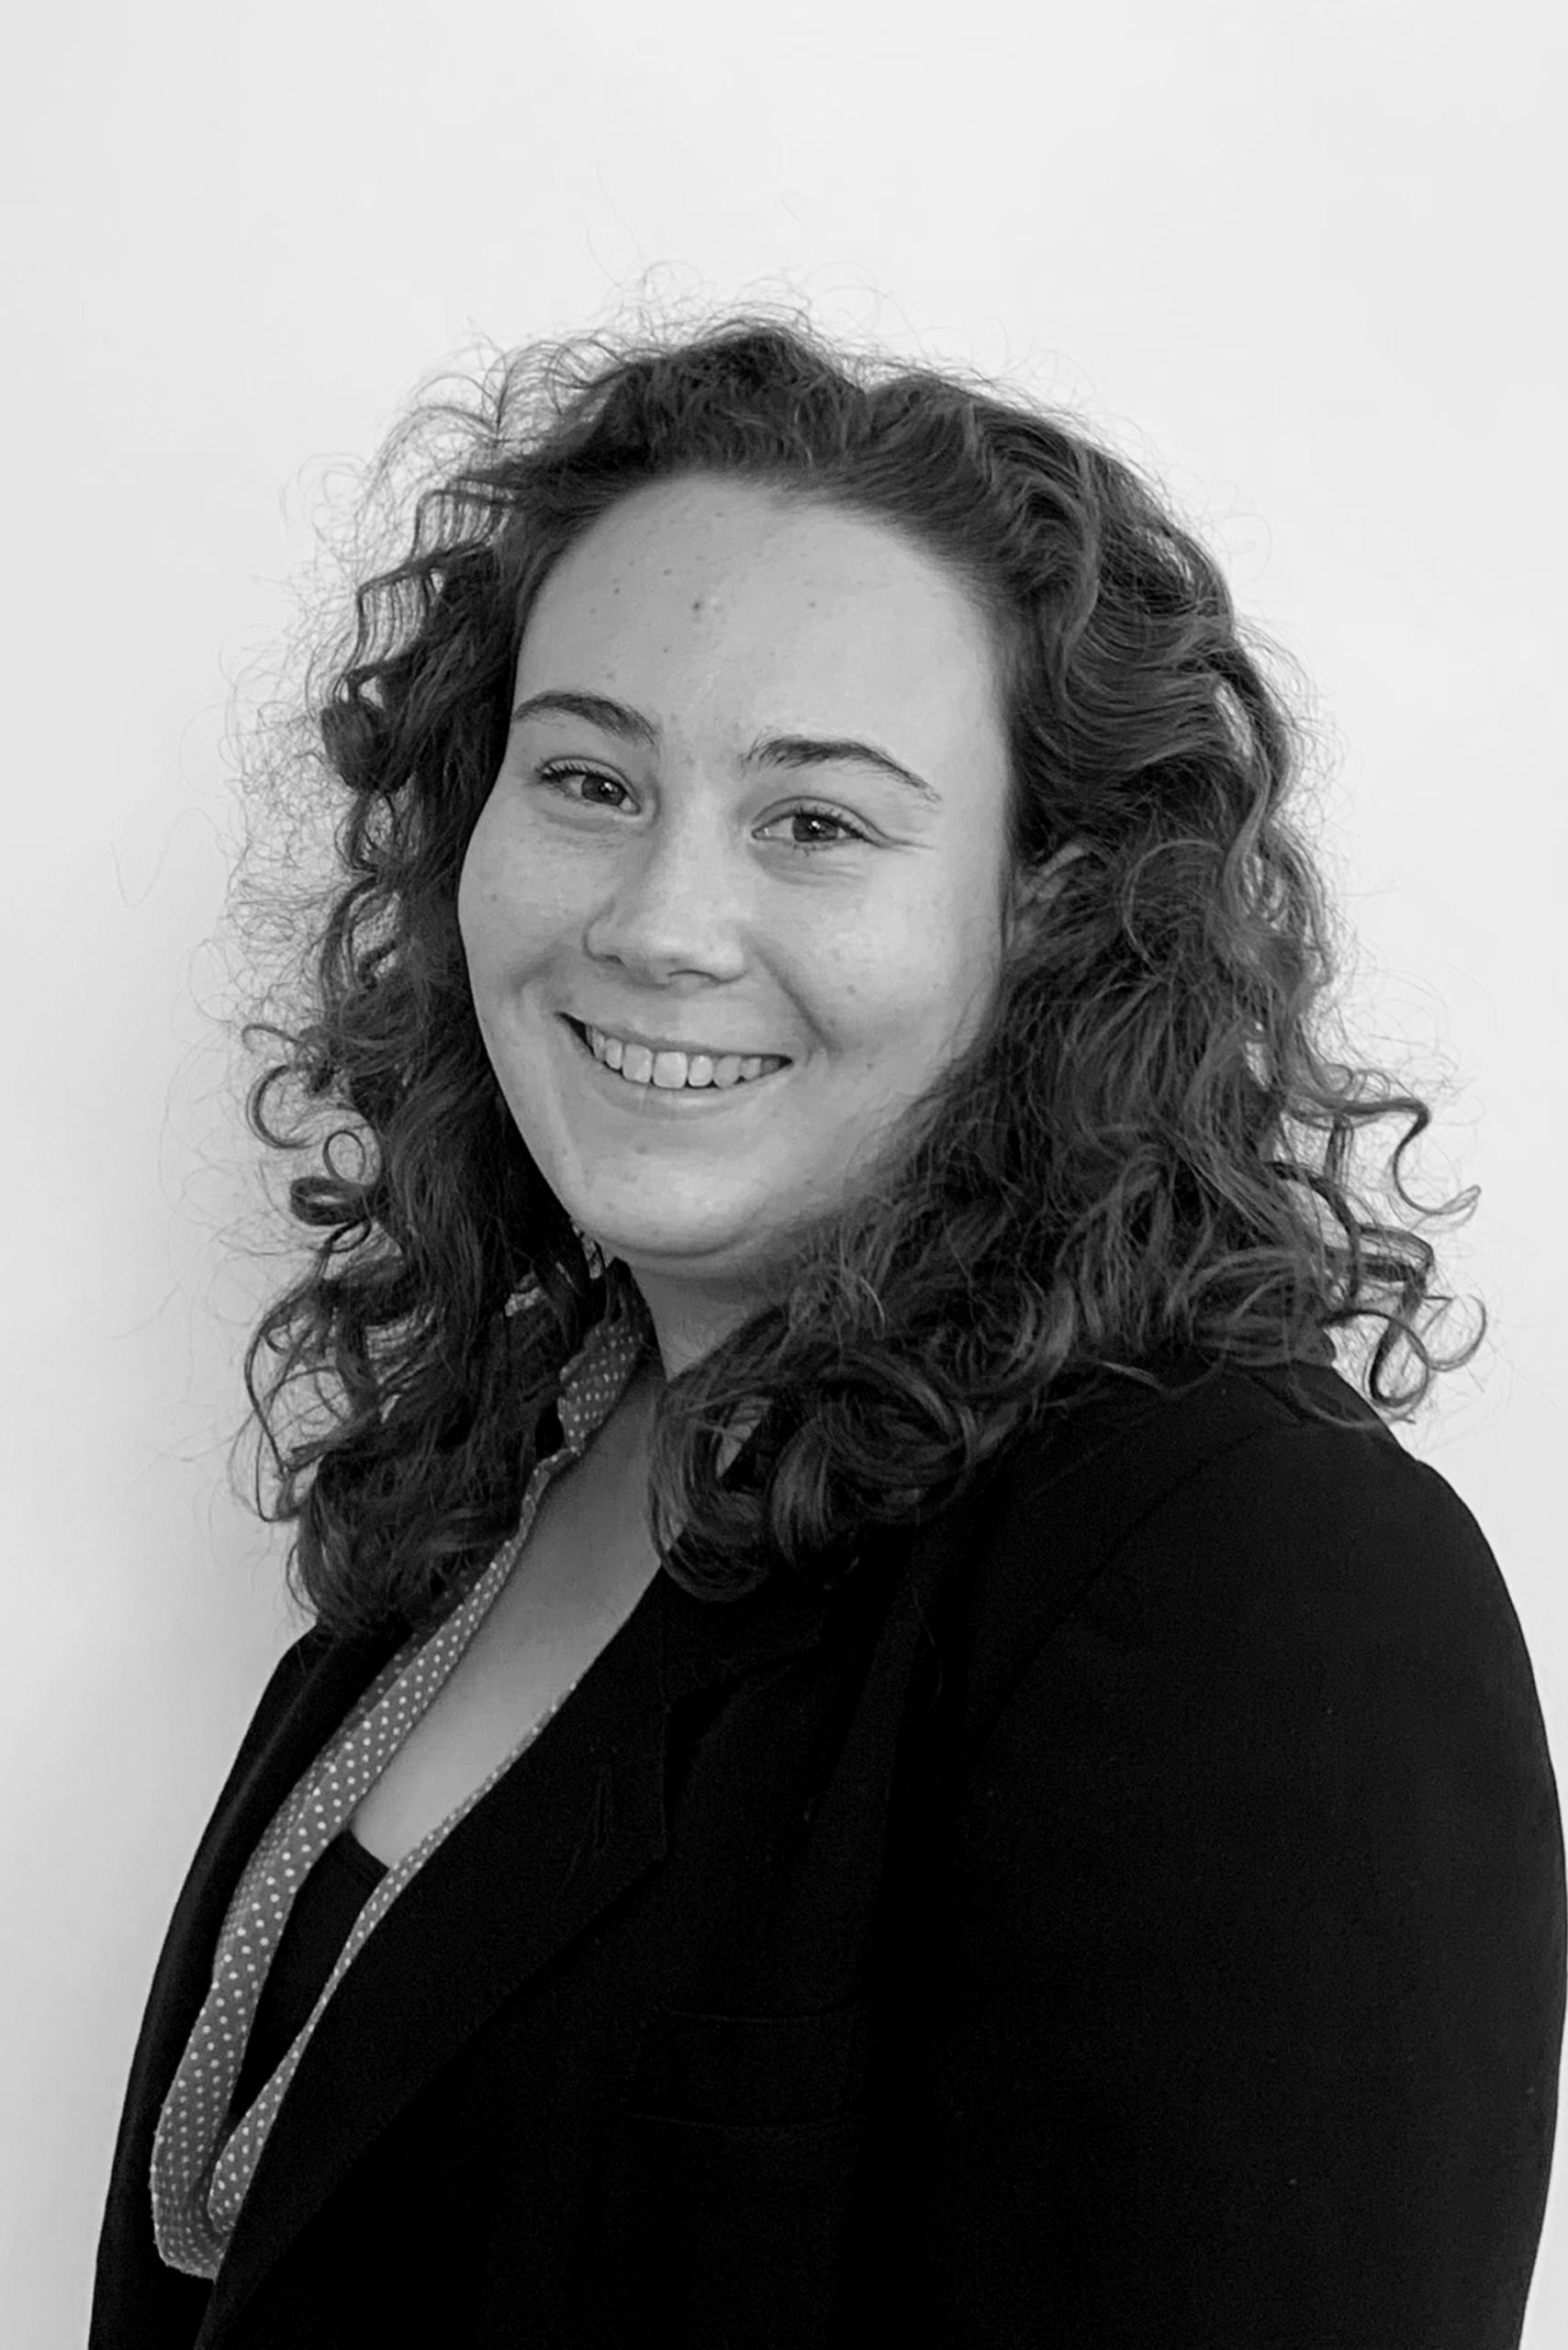 Anna Faglia (NL)